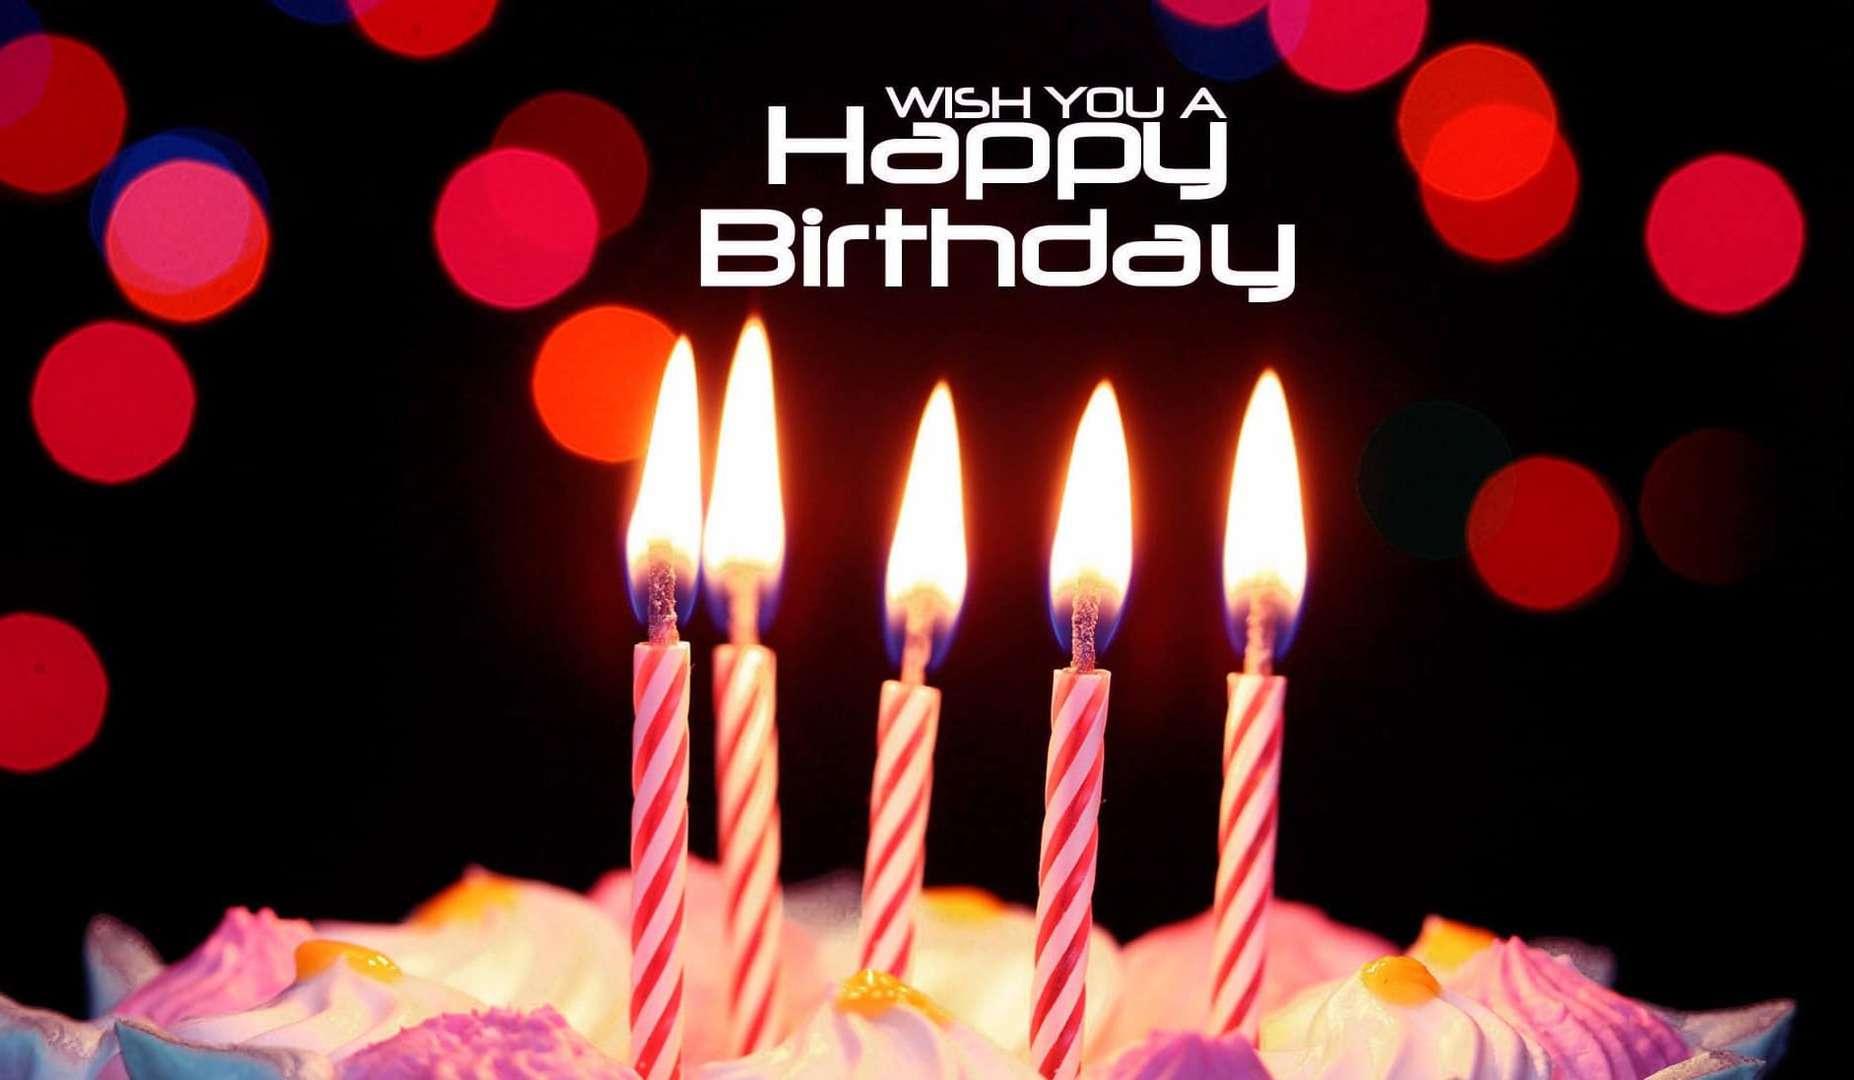 Best happy birthday wishes images happy birthday to you happy best happy birthday wishes images m4hsunfo